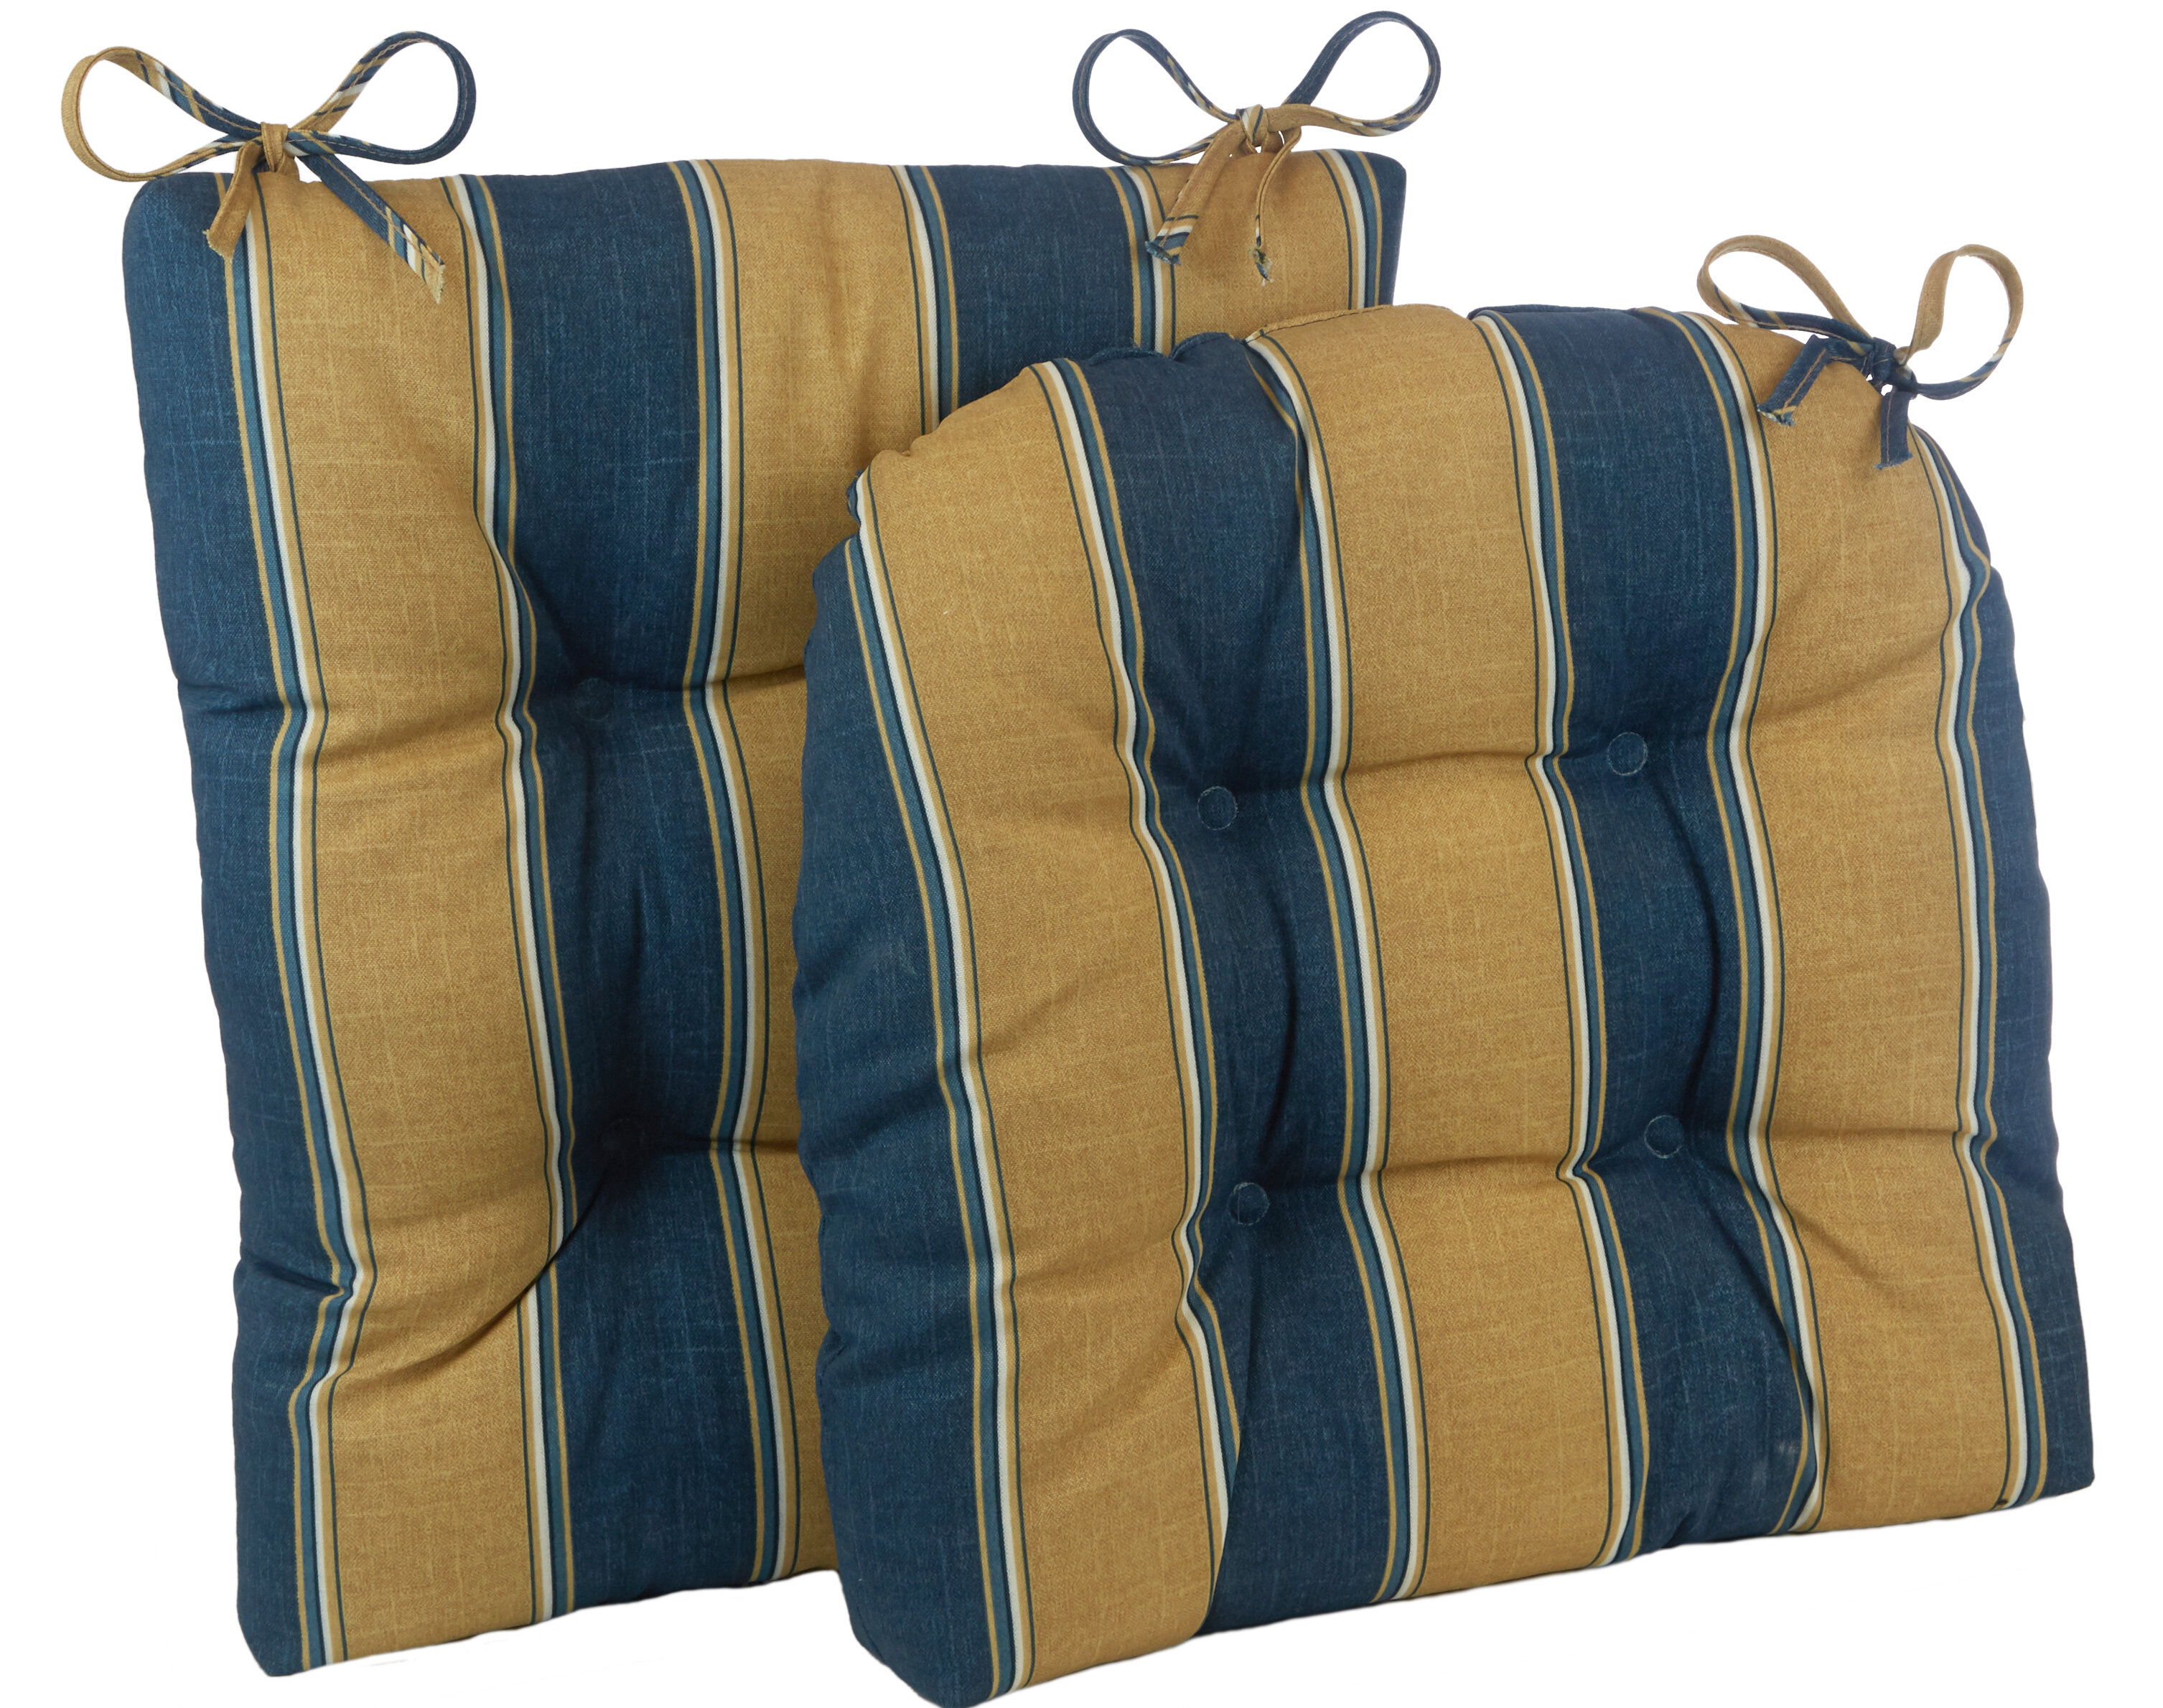 Winston Porter 2 Piece Stripe Porch Indoor/Outdoor Rocking Chair Cushion Set | Wayfair  sc 1 st  Wayfair & Winston Porter 2 Piece Stripe Porch Indoor/Outdoor Rocking Chair ...